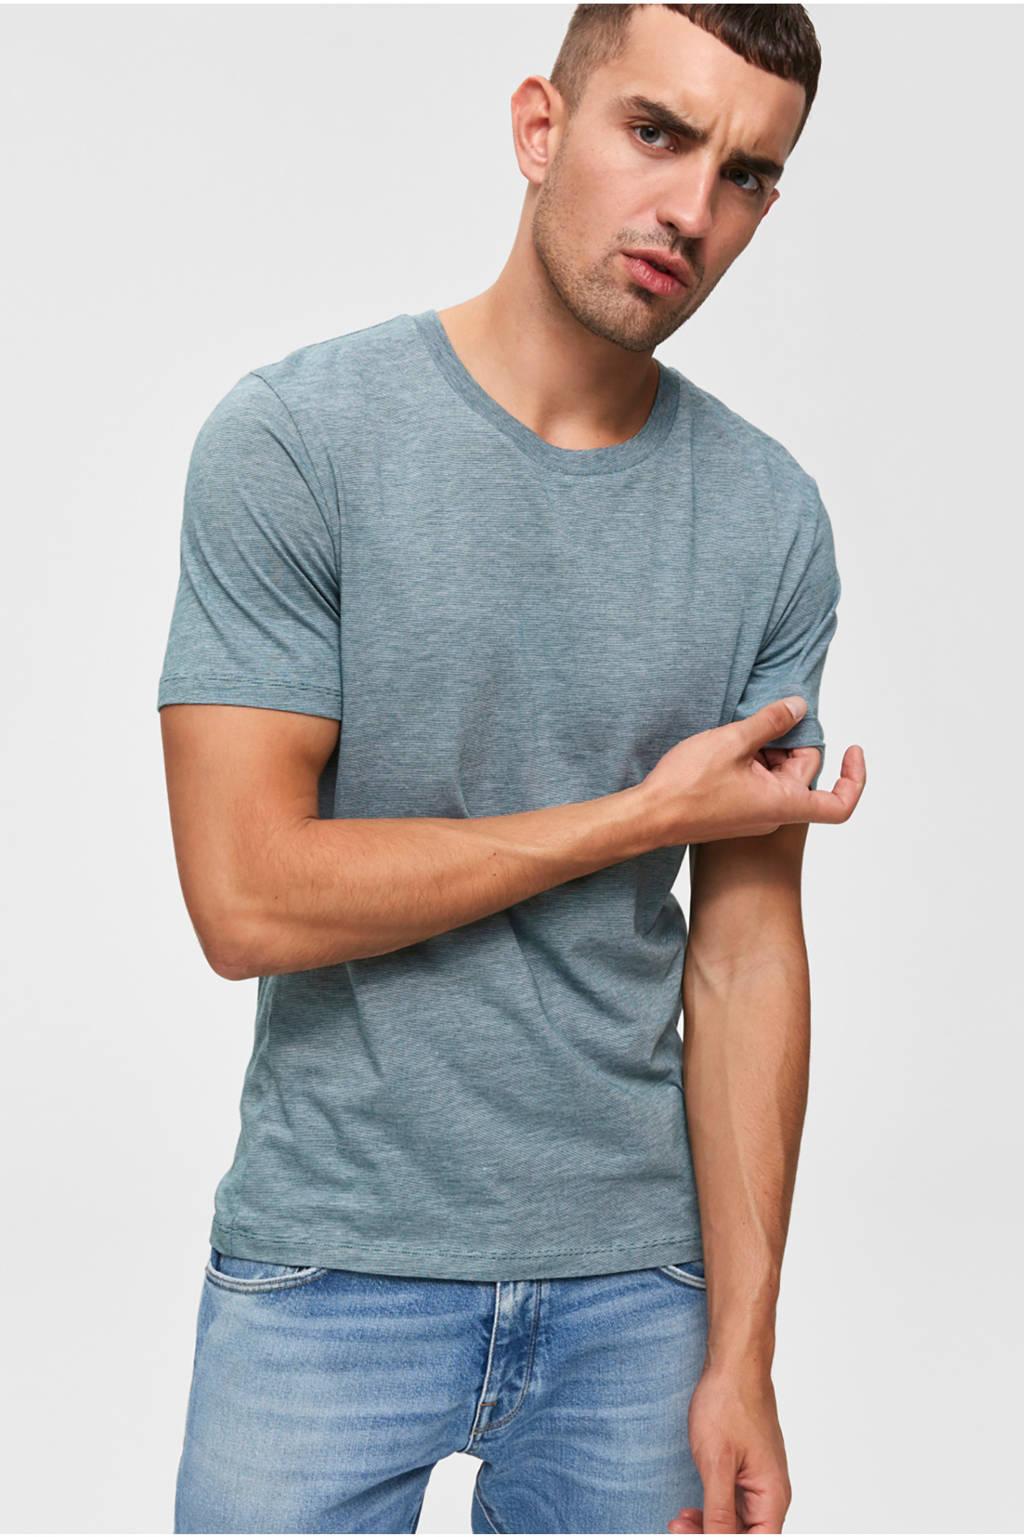 SELECTED HOMME gemêleerd T-shirt, Grijsgroen